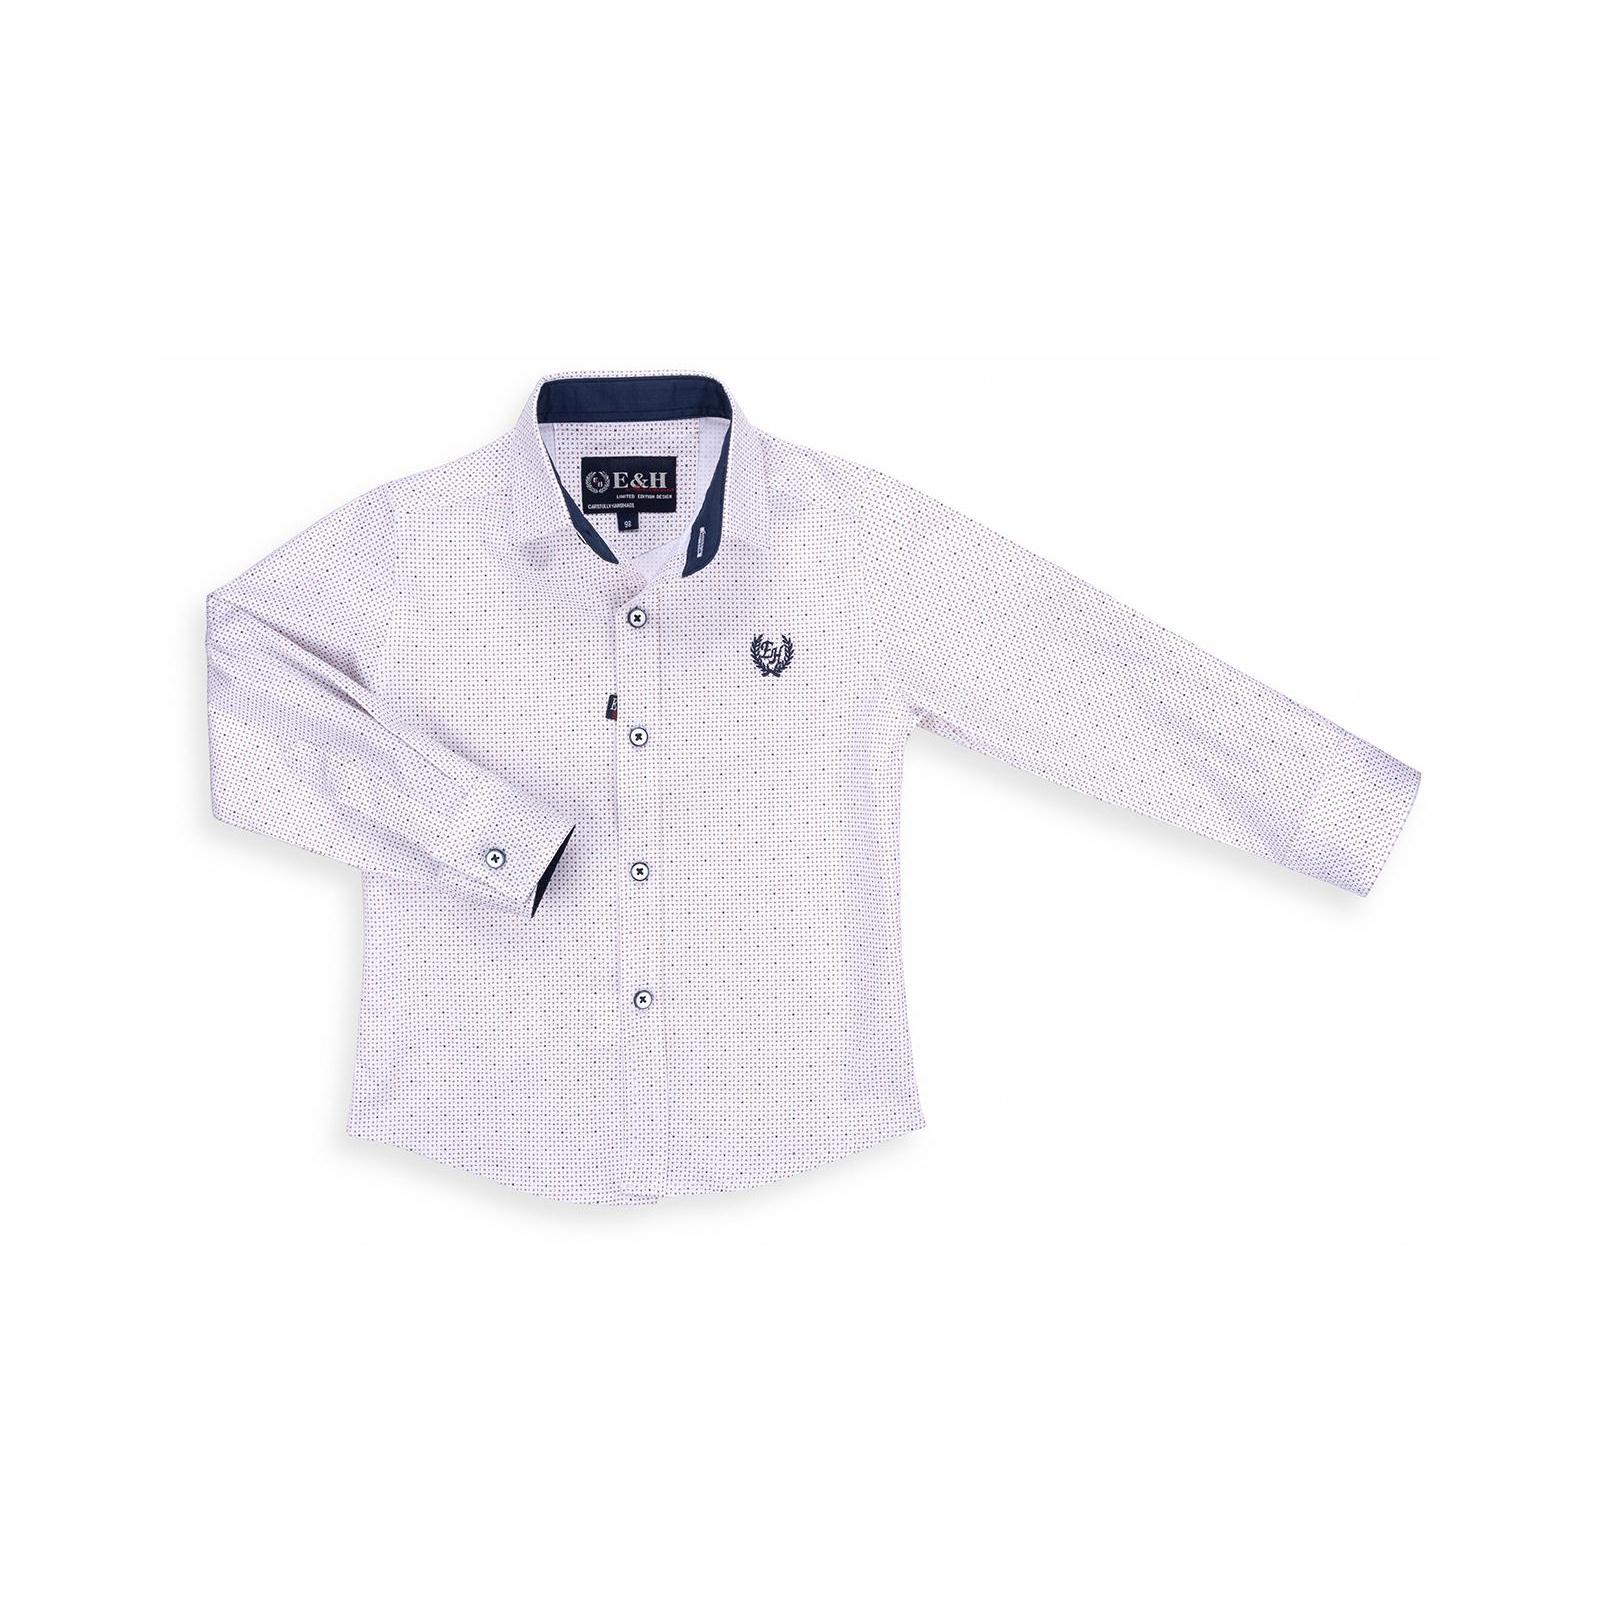 Рубашка E&H с мелким рисунком (G-257-98B-beige)